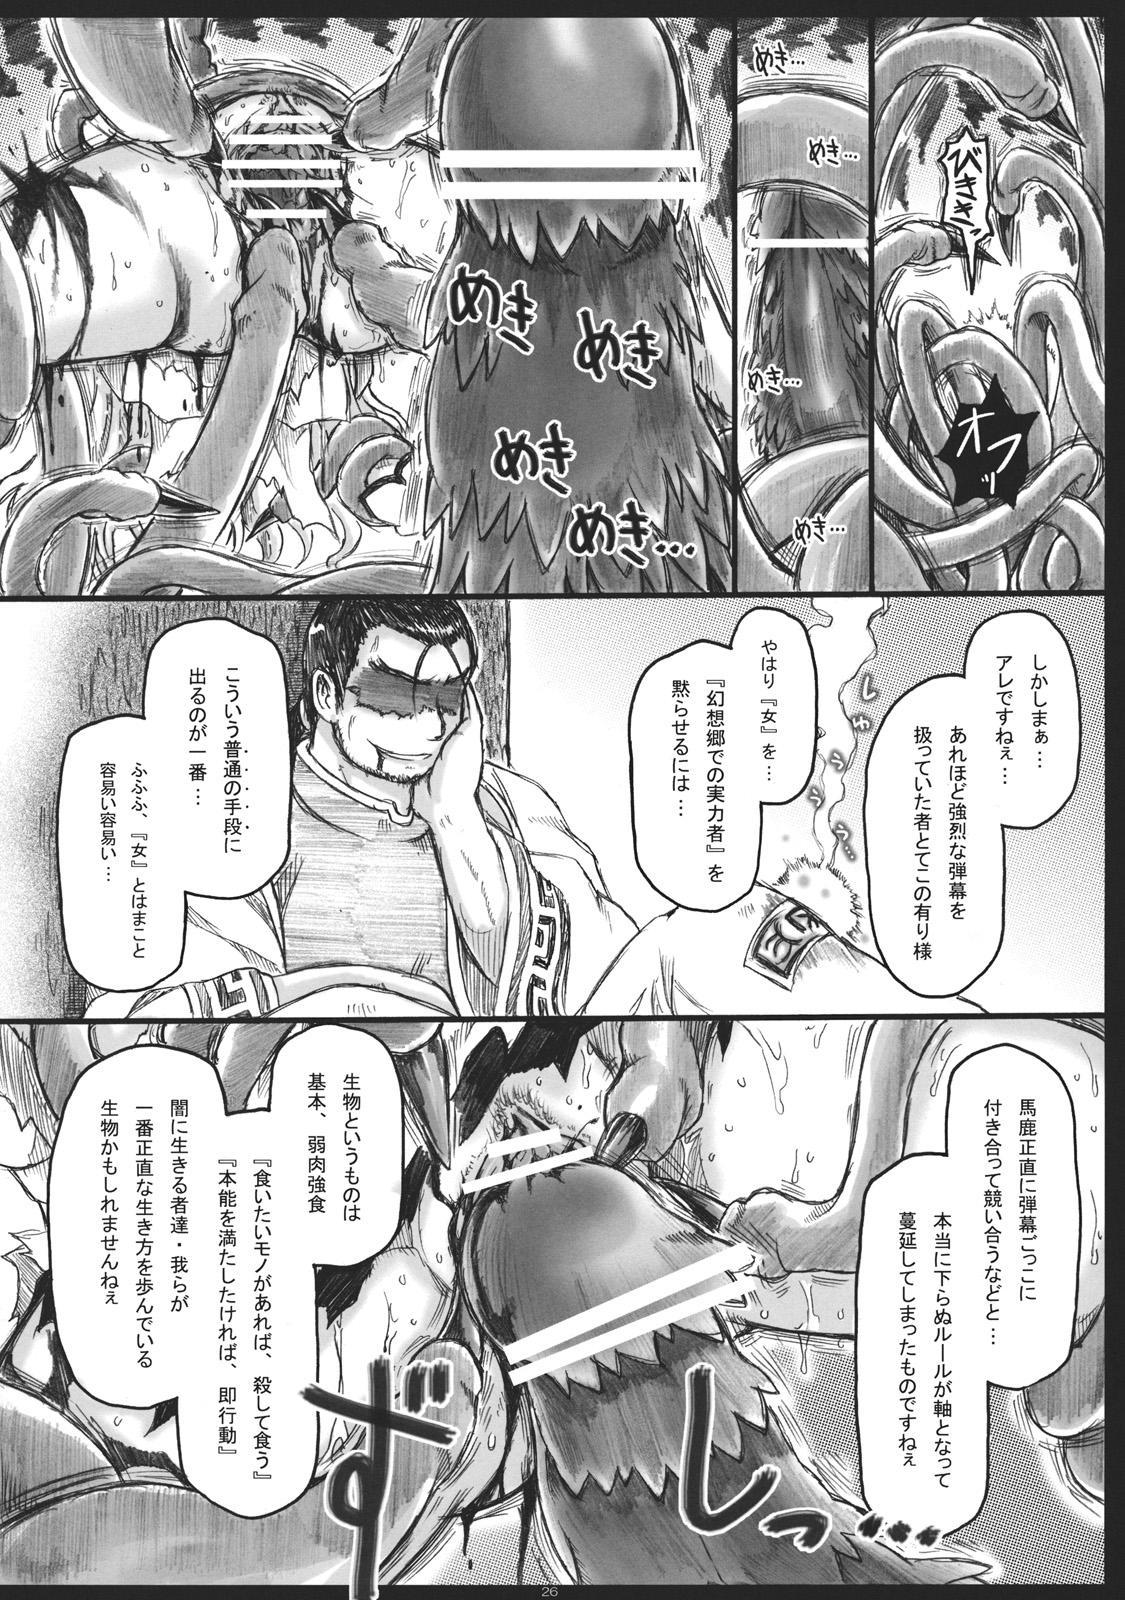 Orenu Hoshi - Hiun no Yume, Musubi 25